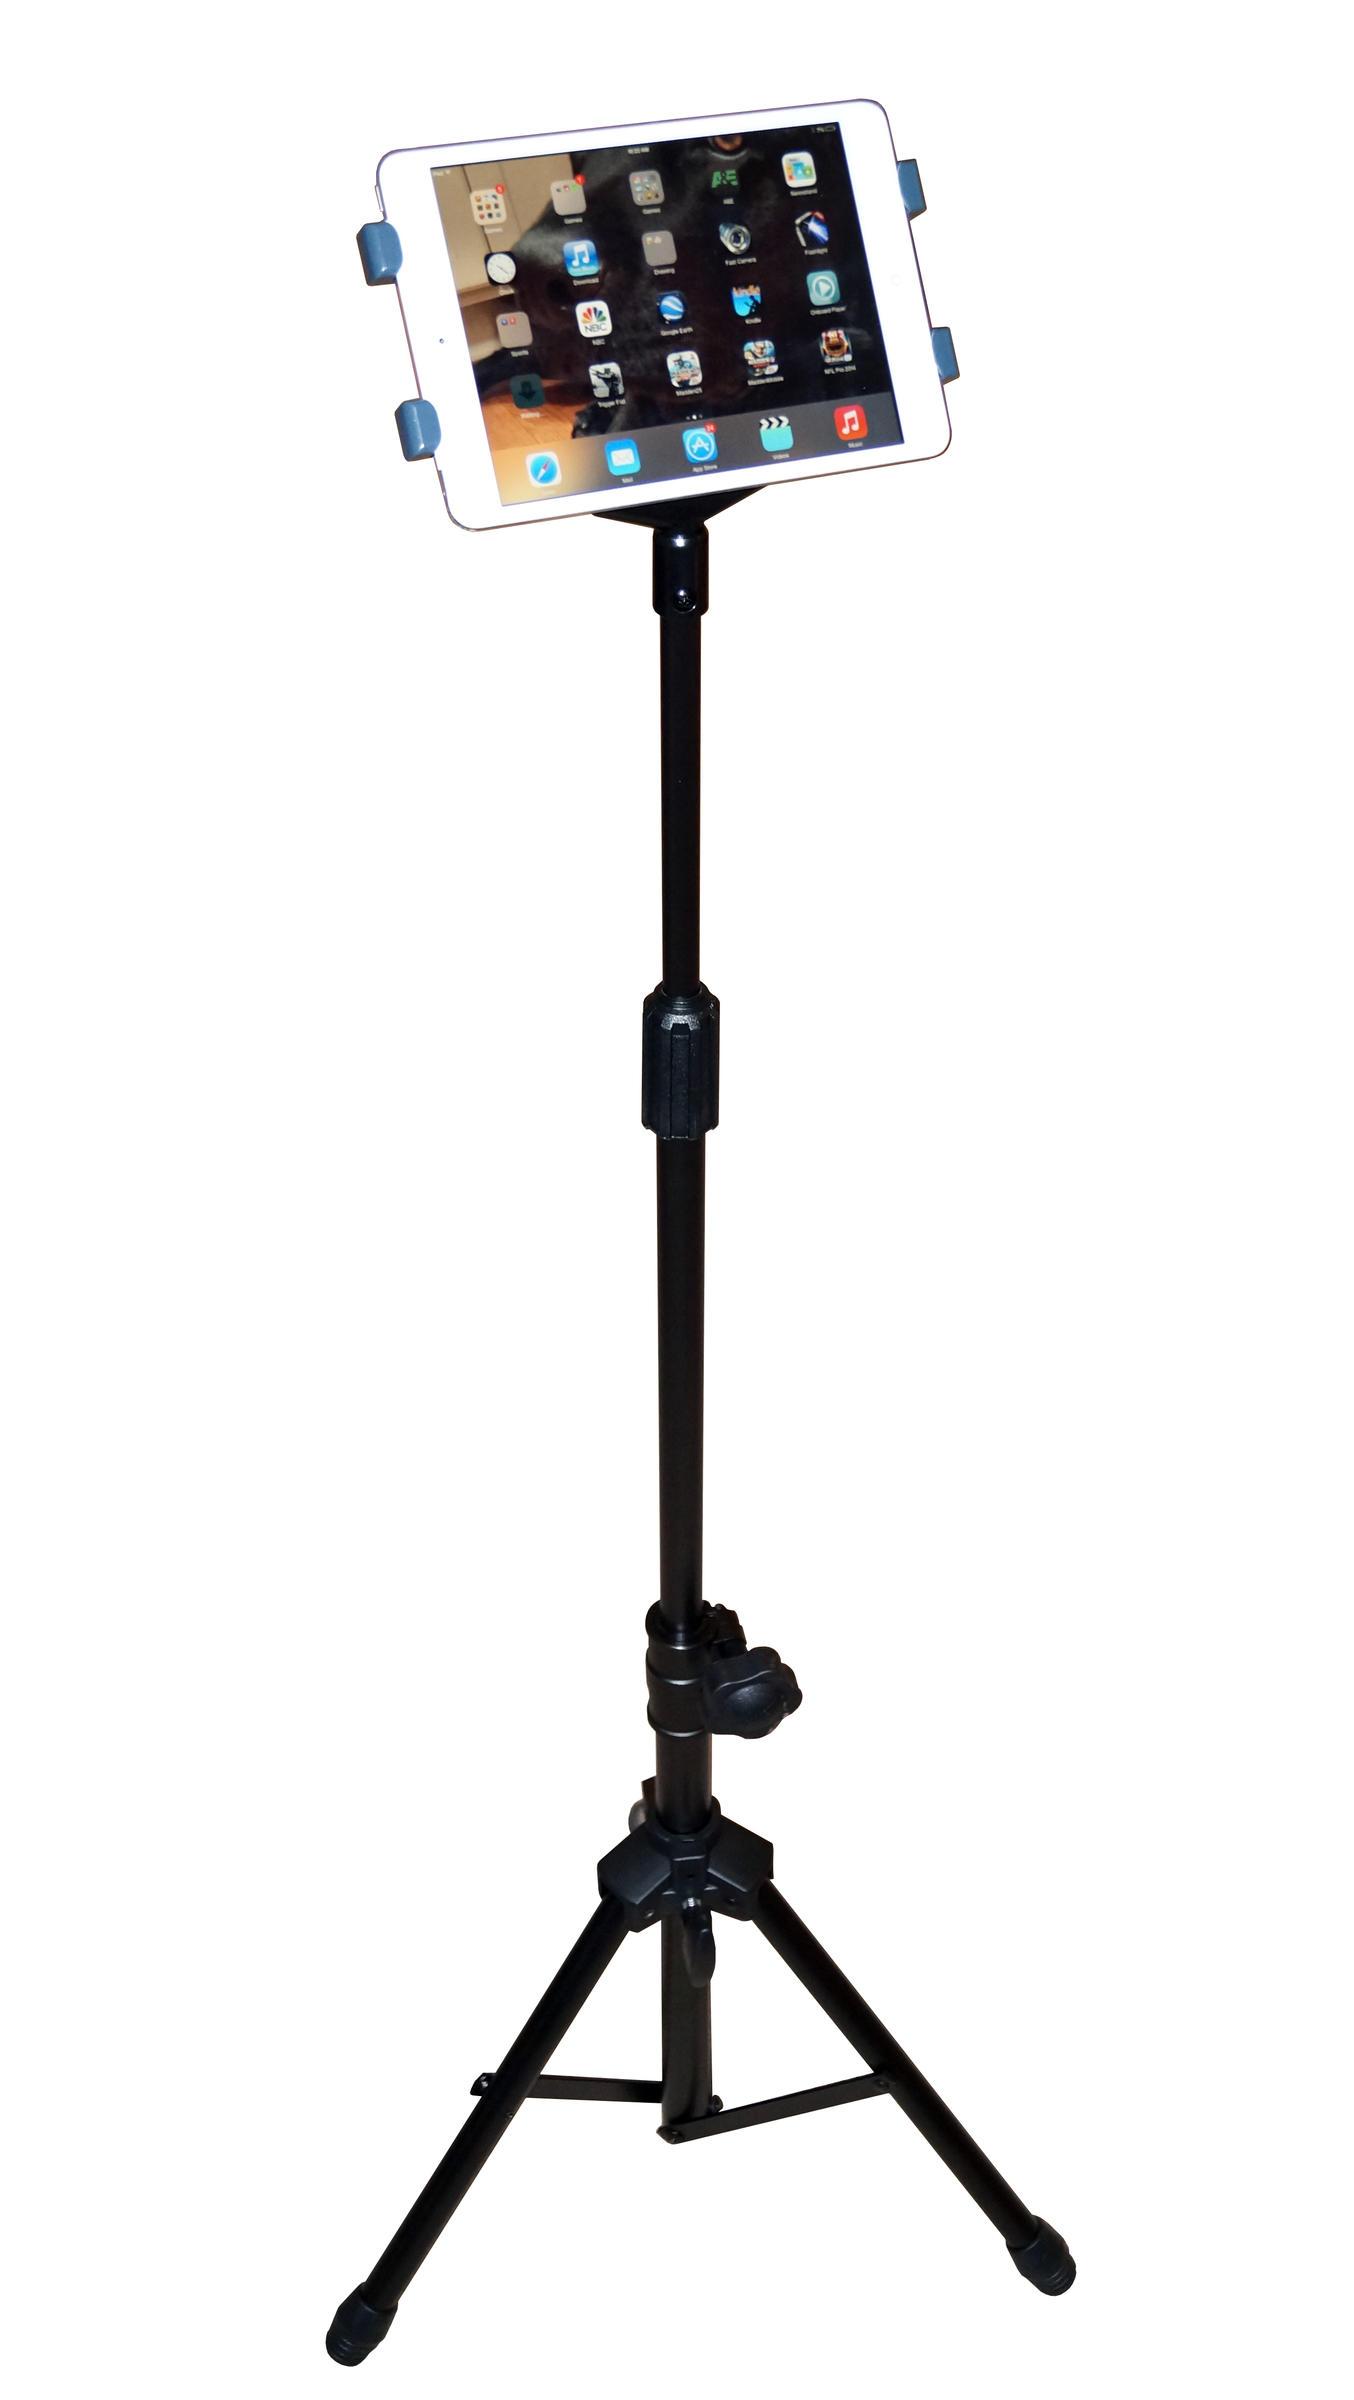 Bikase Tablet Stand